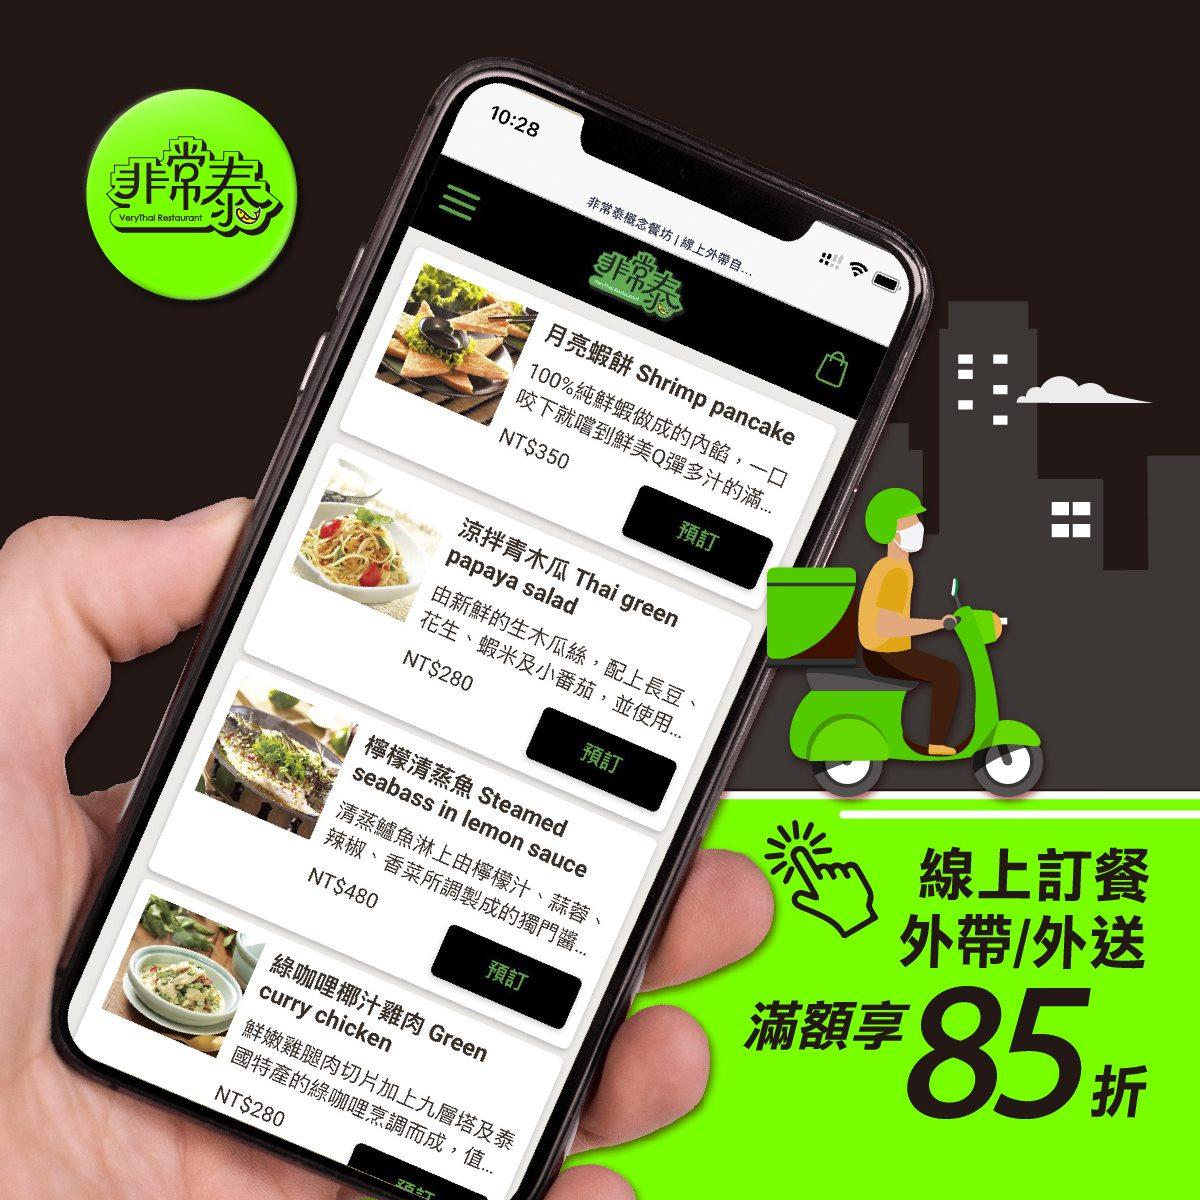 台北外帶美食 優惠餐廳總整理 防疫期間外帶優惠總整理! 連鎖品牌外帶優惠懶人包 99